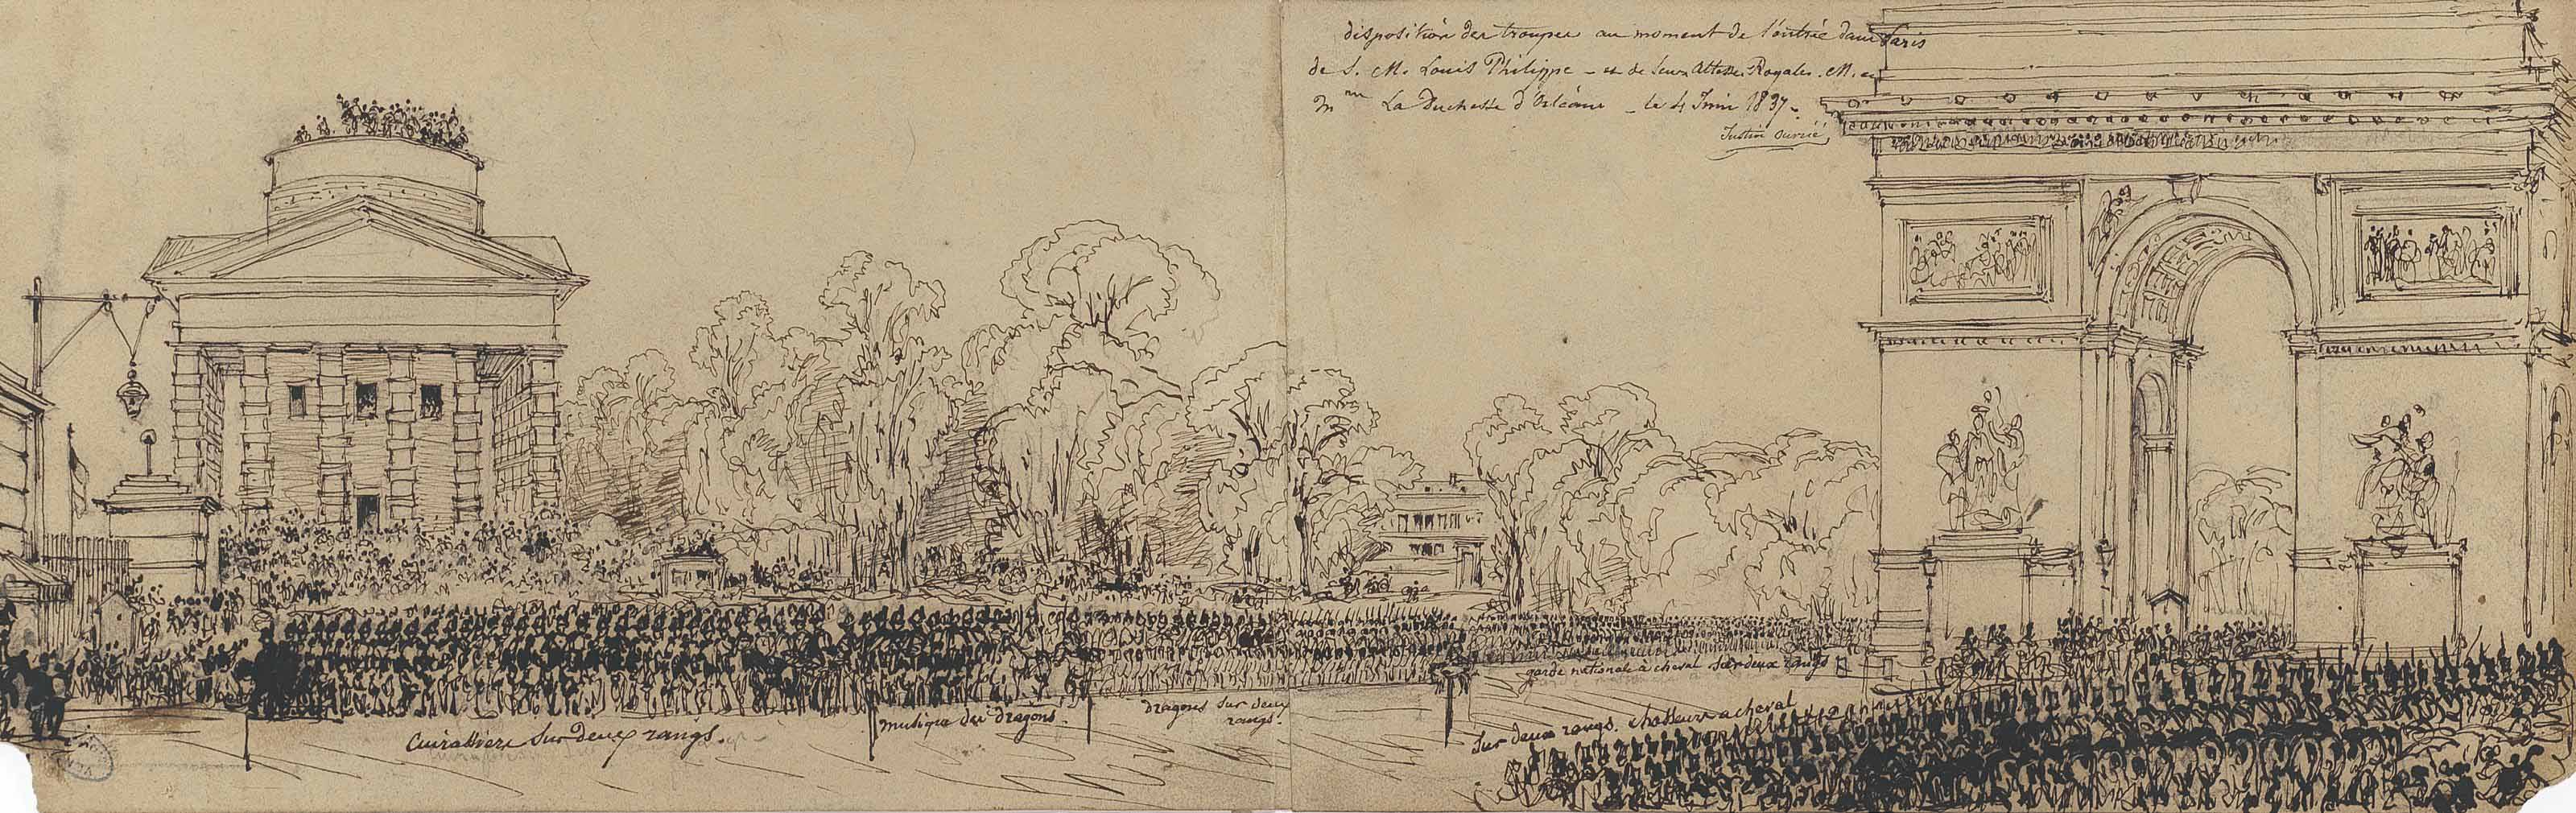 Louis-Philippe entrant dans Paris par l'Arc de Triomphe le jour de son mariage